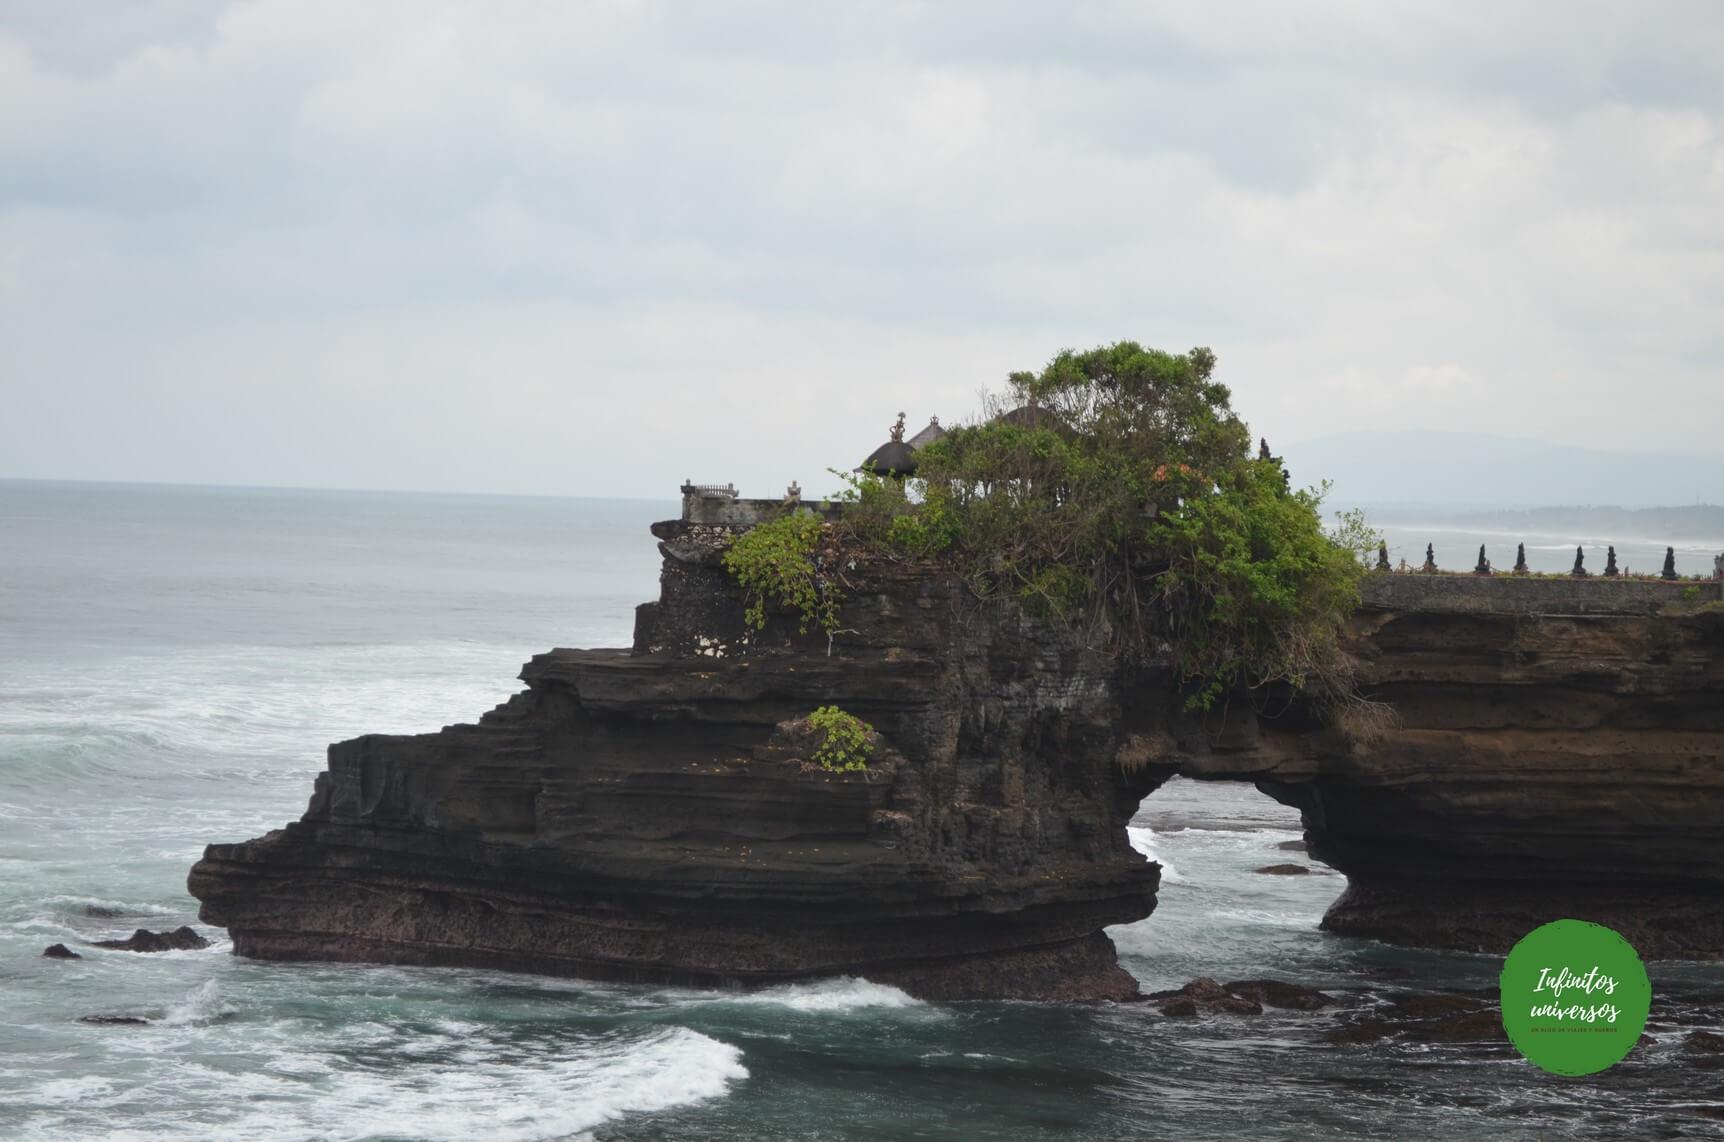 Ruta por el sur de Bali: Tanah Lot, Uluwatu y mucho más!